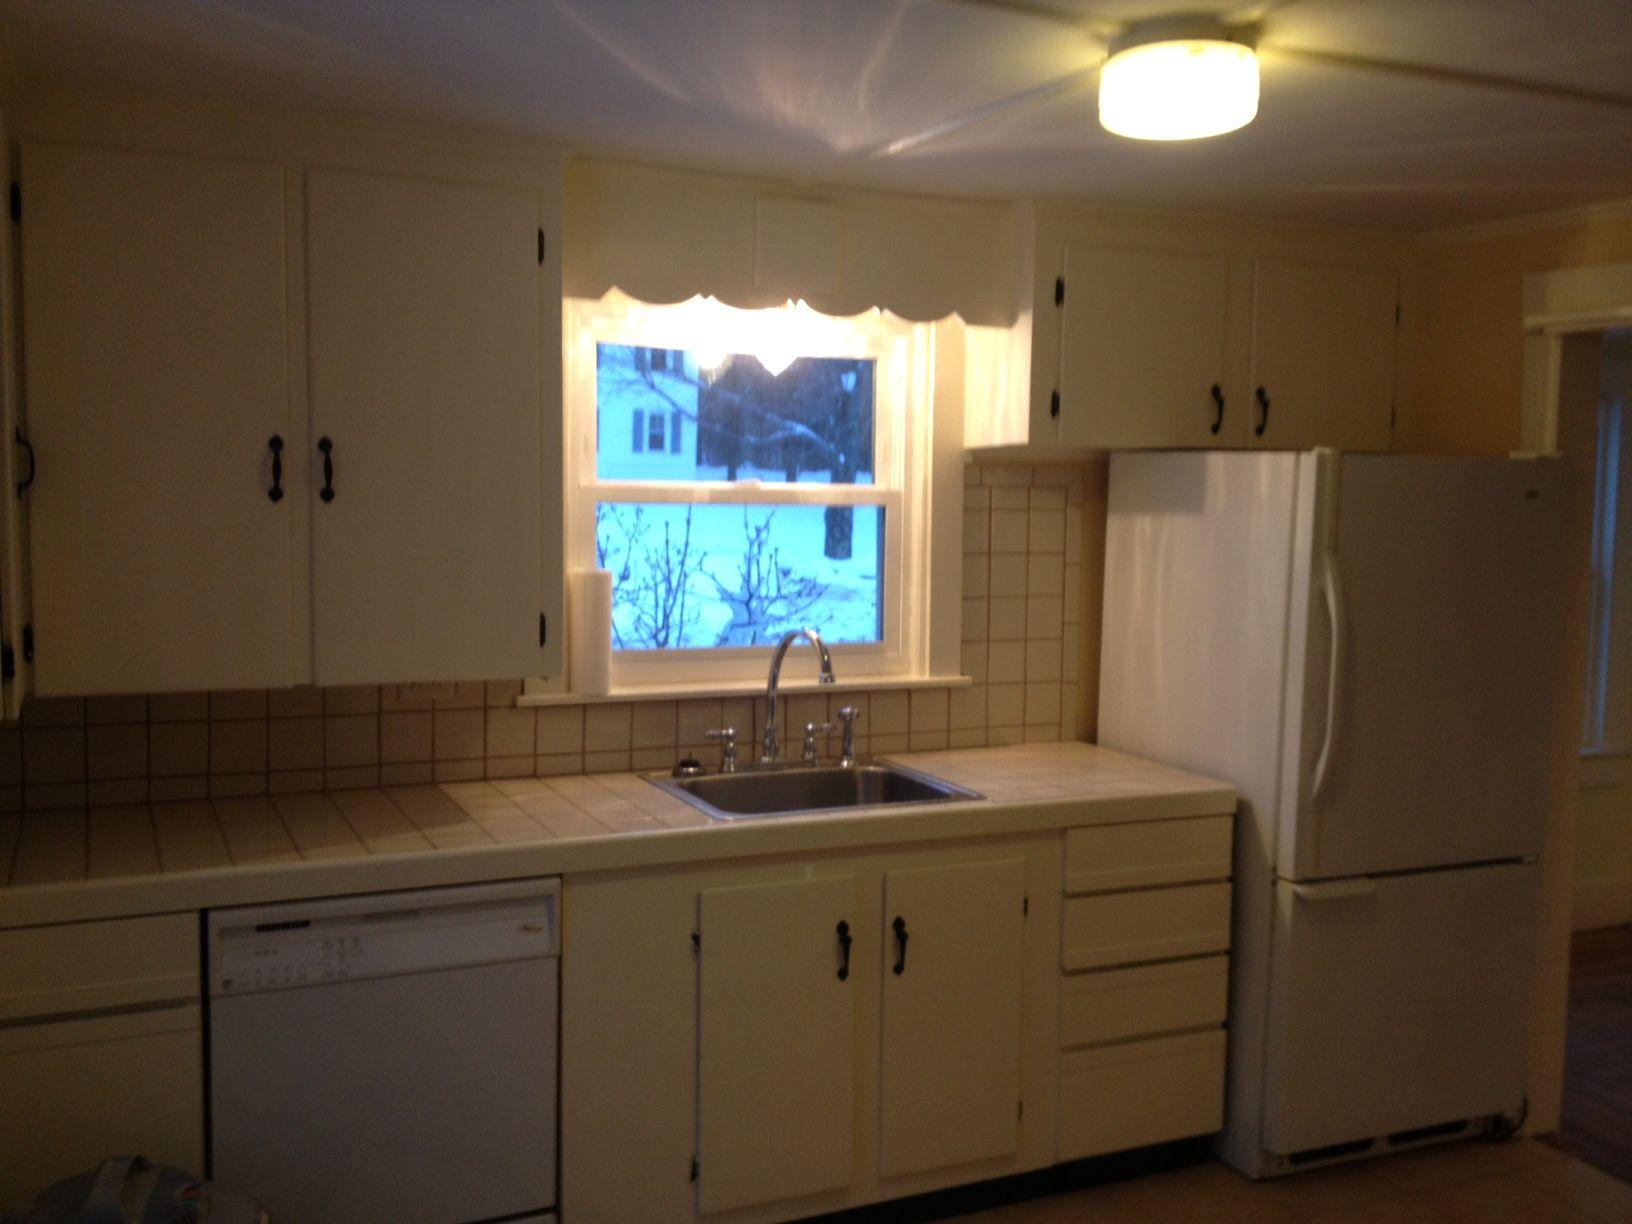 Newly renovated kitchen at 477 North Main rental.